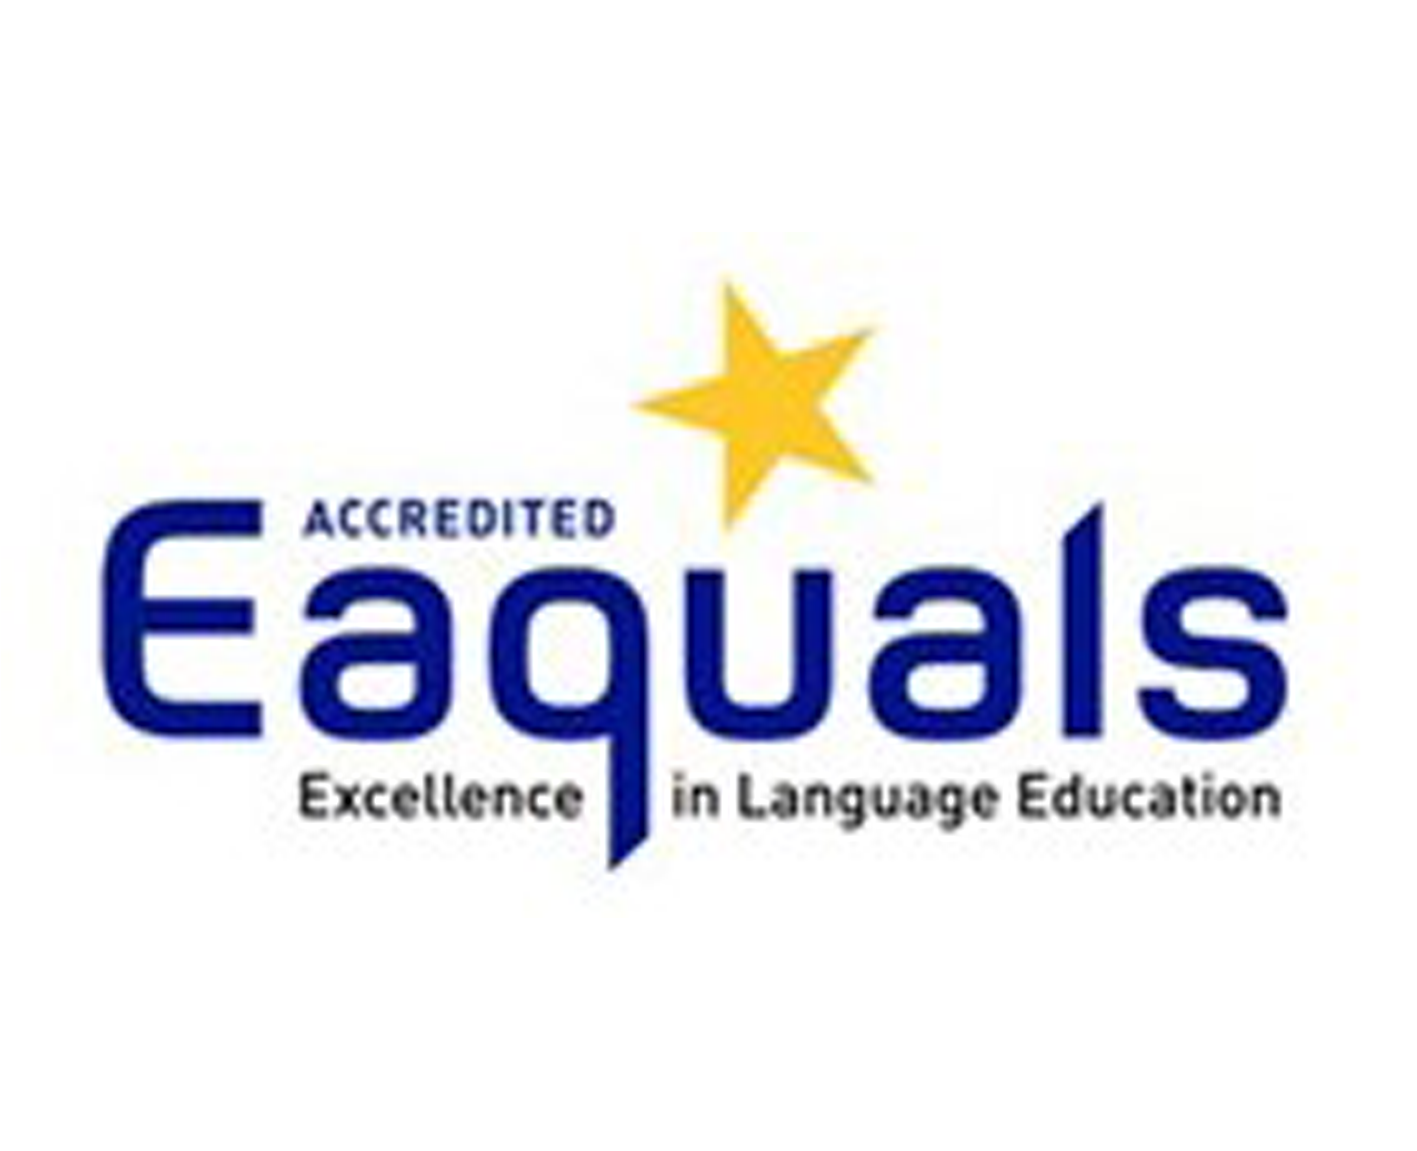 Eaquals ATC Accreditation